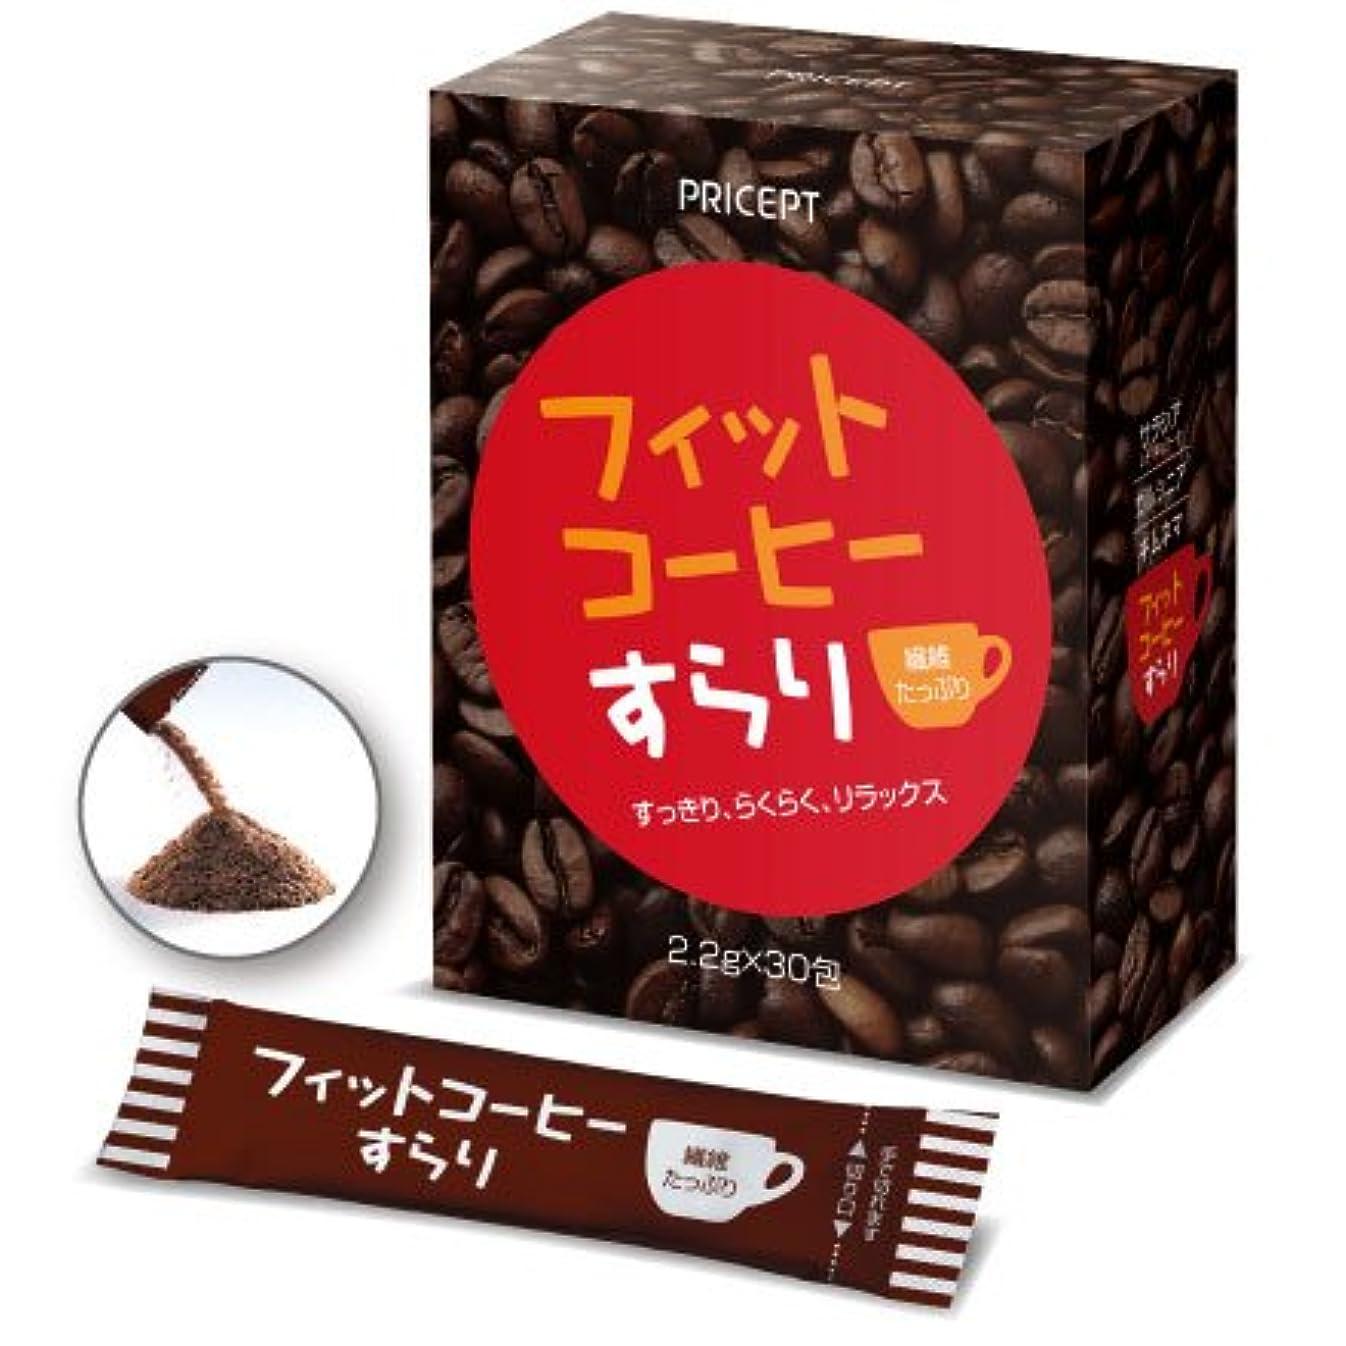 はい爵赤面プリセプト フィットコーヒーすらり 30包【単品】(ダイエットサポートコーヒー)